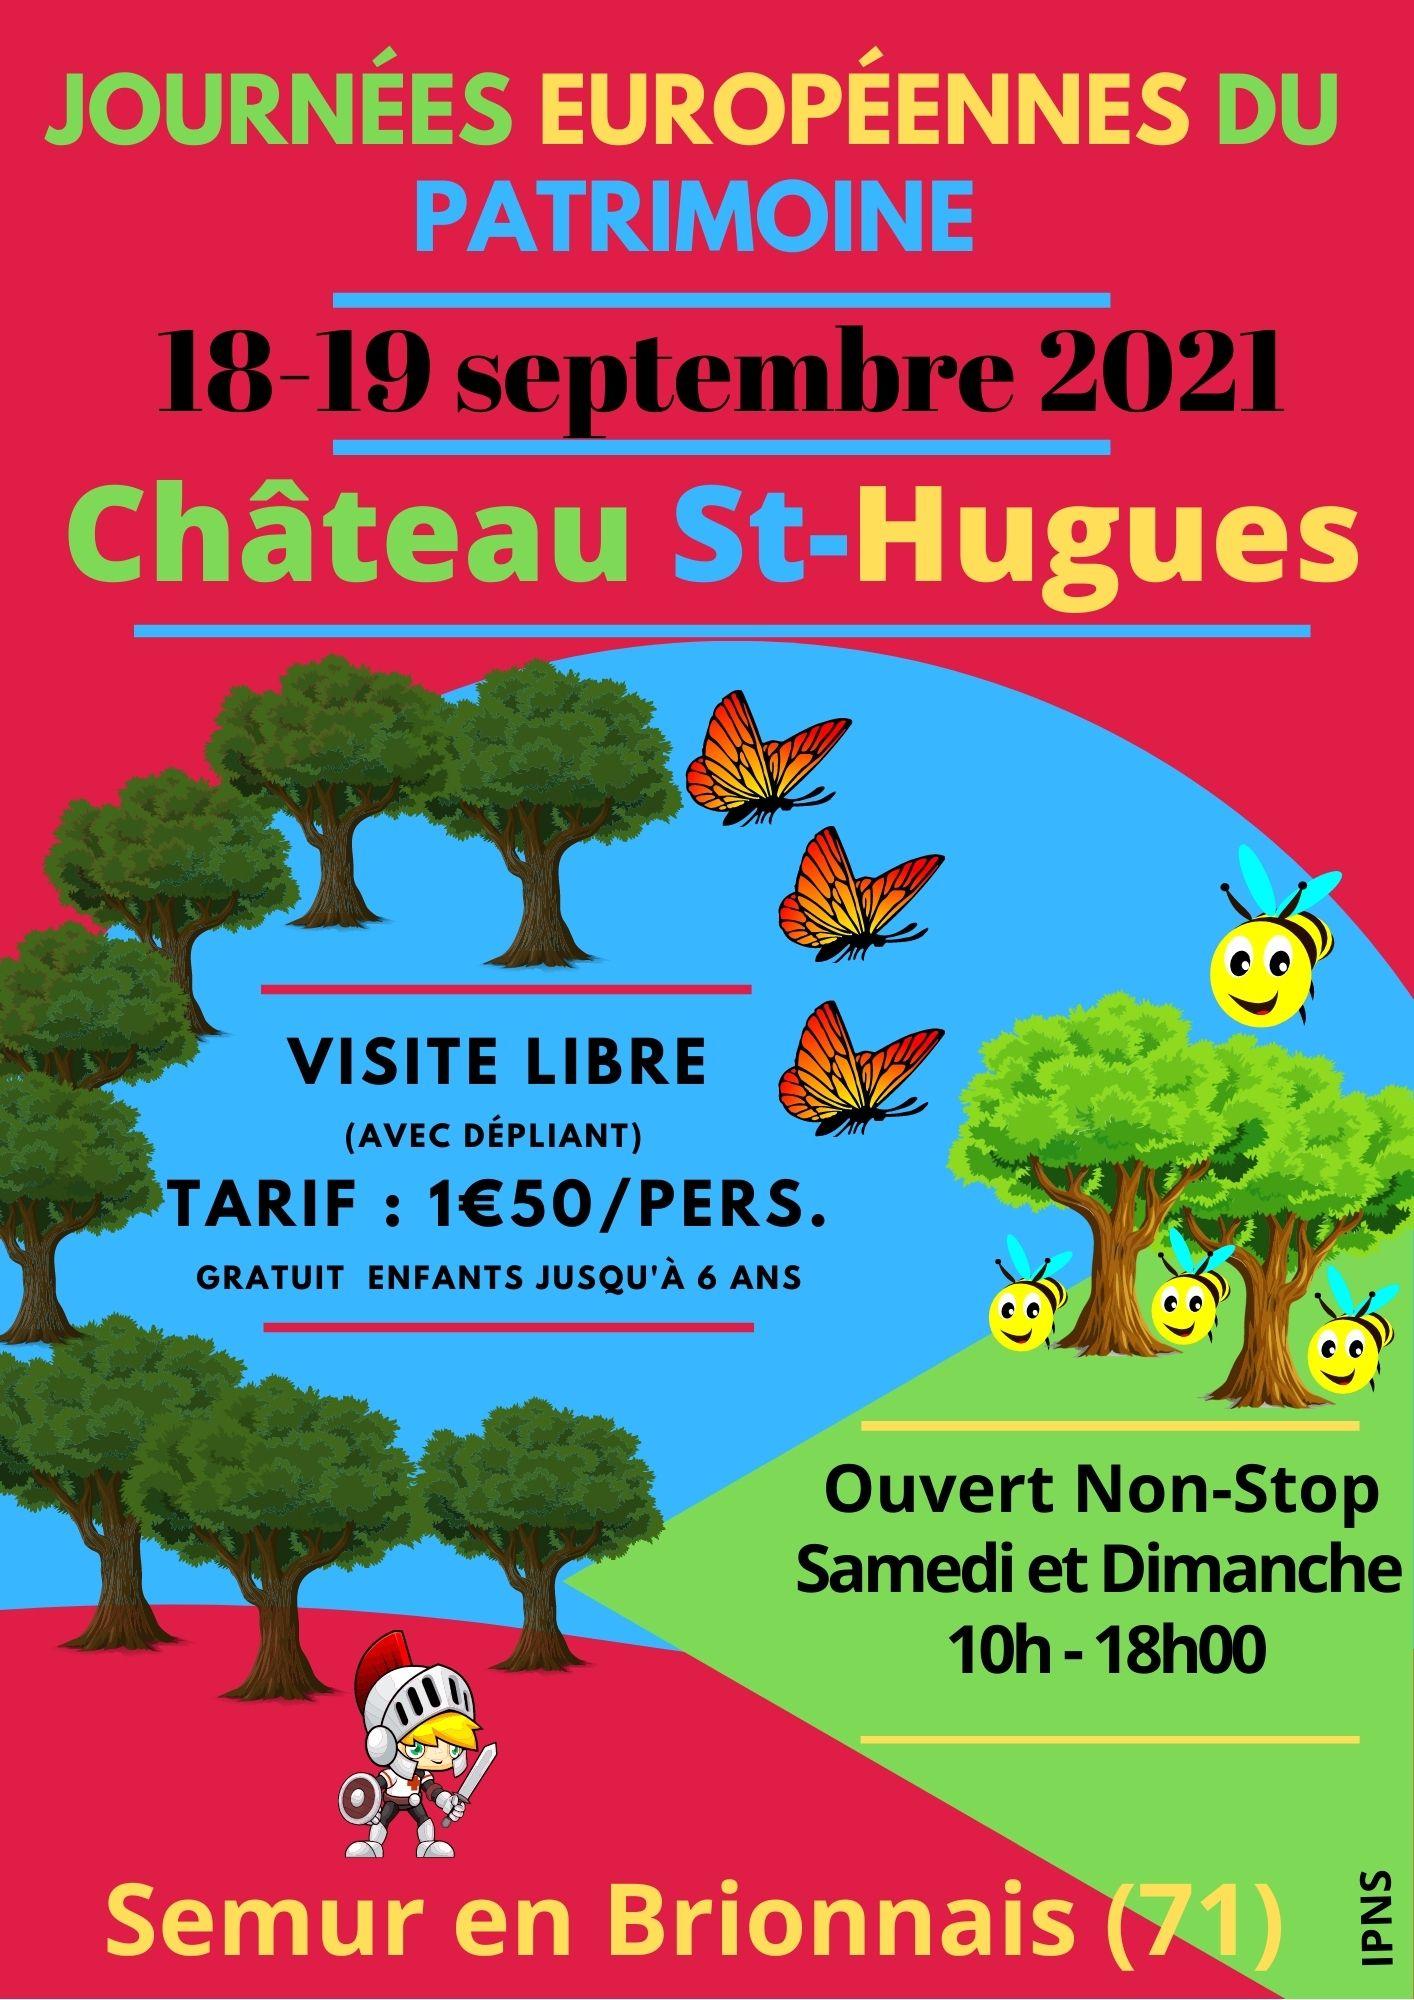 journées européennes du patrimoine 2021(2)